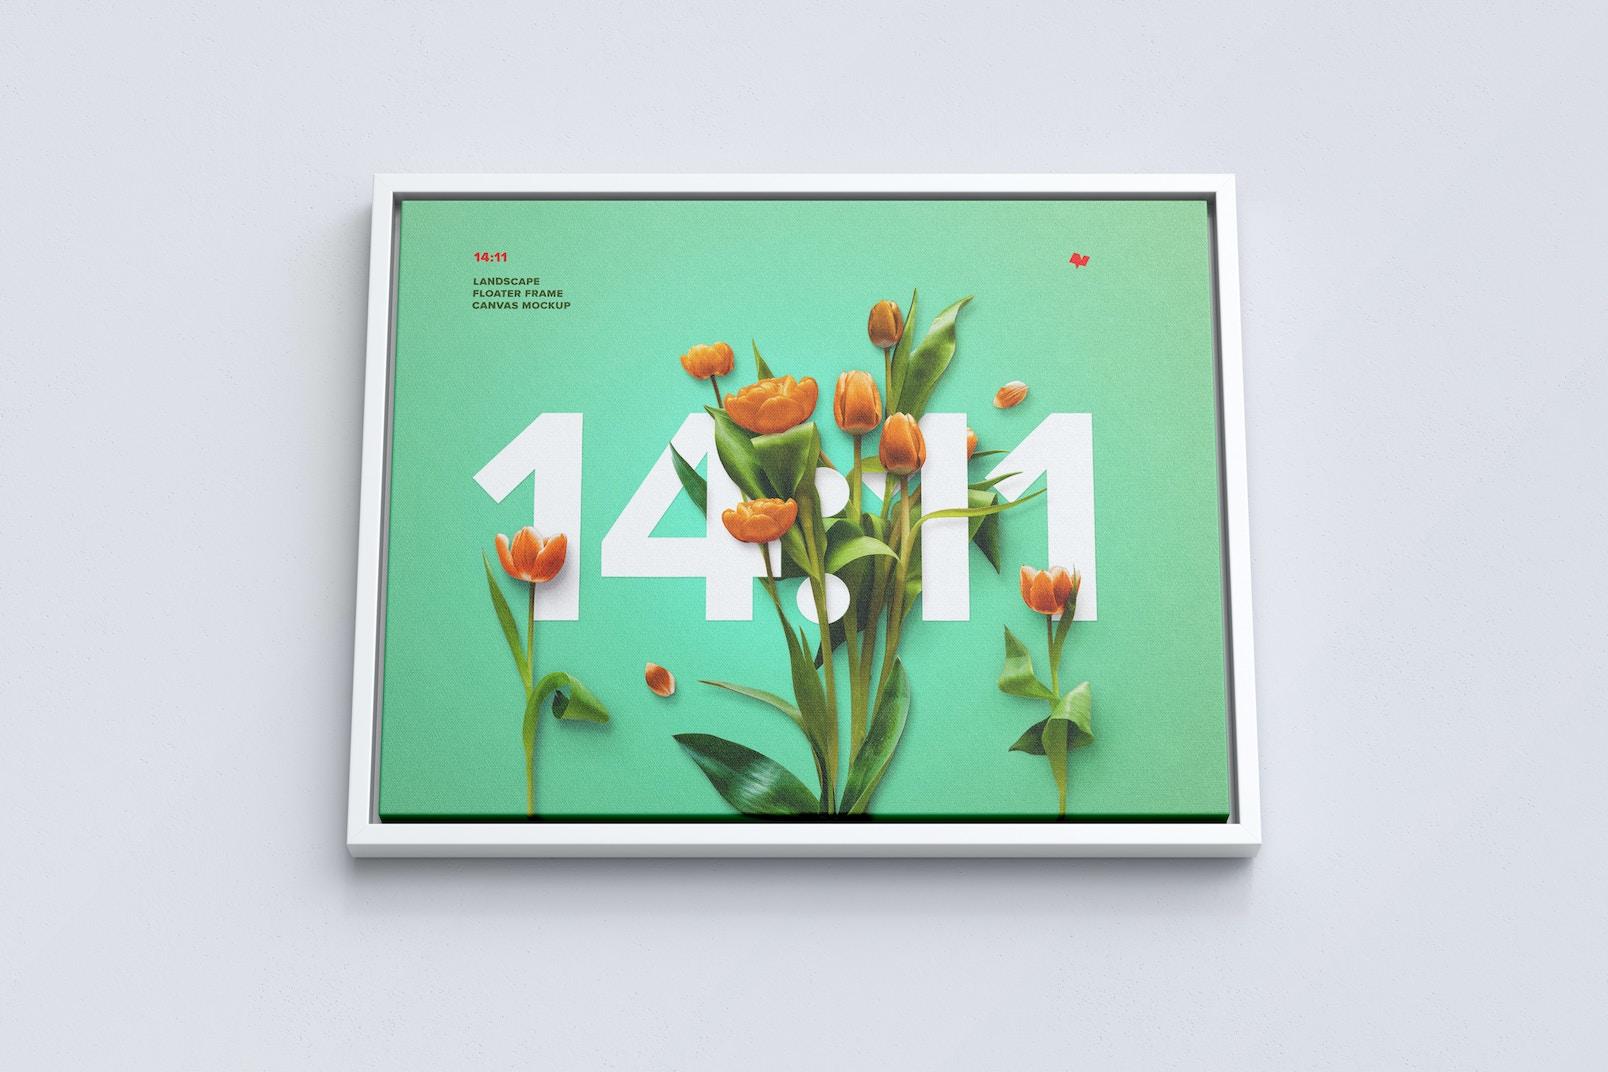 14:11 Landscape Canvas Mockup in Floater Frame, Bottom Front View